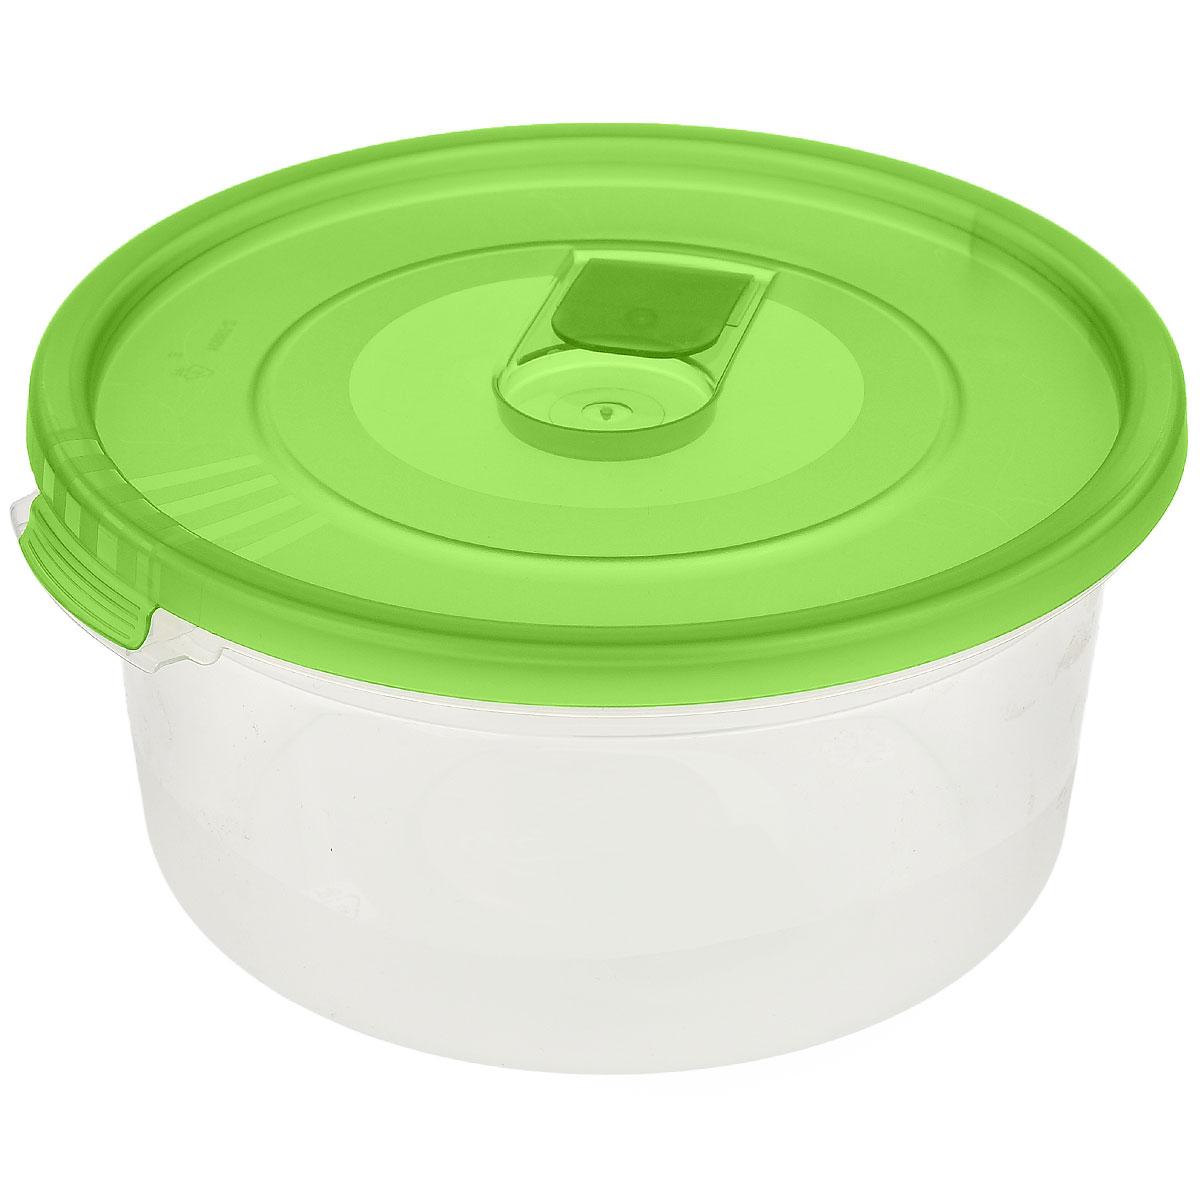 Контейнер Полимербыт Смайл, цвет: прозрачный, зеленый, 800 млС521_зеленыйКонтейнер Полимербыт Смайл круглой формы, изготовленный из прочного пластика, специально предназначен для хранения пищевых продуктов. Контейнер оснащен герметичной крышкой со специальным клапаном, благодаря которому внутри создается вакуум и продукты дольше сохраняют свежесть и аромат. Крышка легко открывается и плотно закрывается.Стенки контейнера прозрачные - хорошо видно, что внутри. Контейнер устойчив к воздействию масел и жиров, легко моется. Контейнер имеет возможность хранения продуктов глубокой заморозки, обладает высокой прочностью. Можно мыть в посудомоечной машине. Подходит для использования в микроволновых печах. Диаметр: 15 см. Высота (без крышки): 7 см.